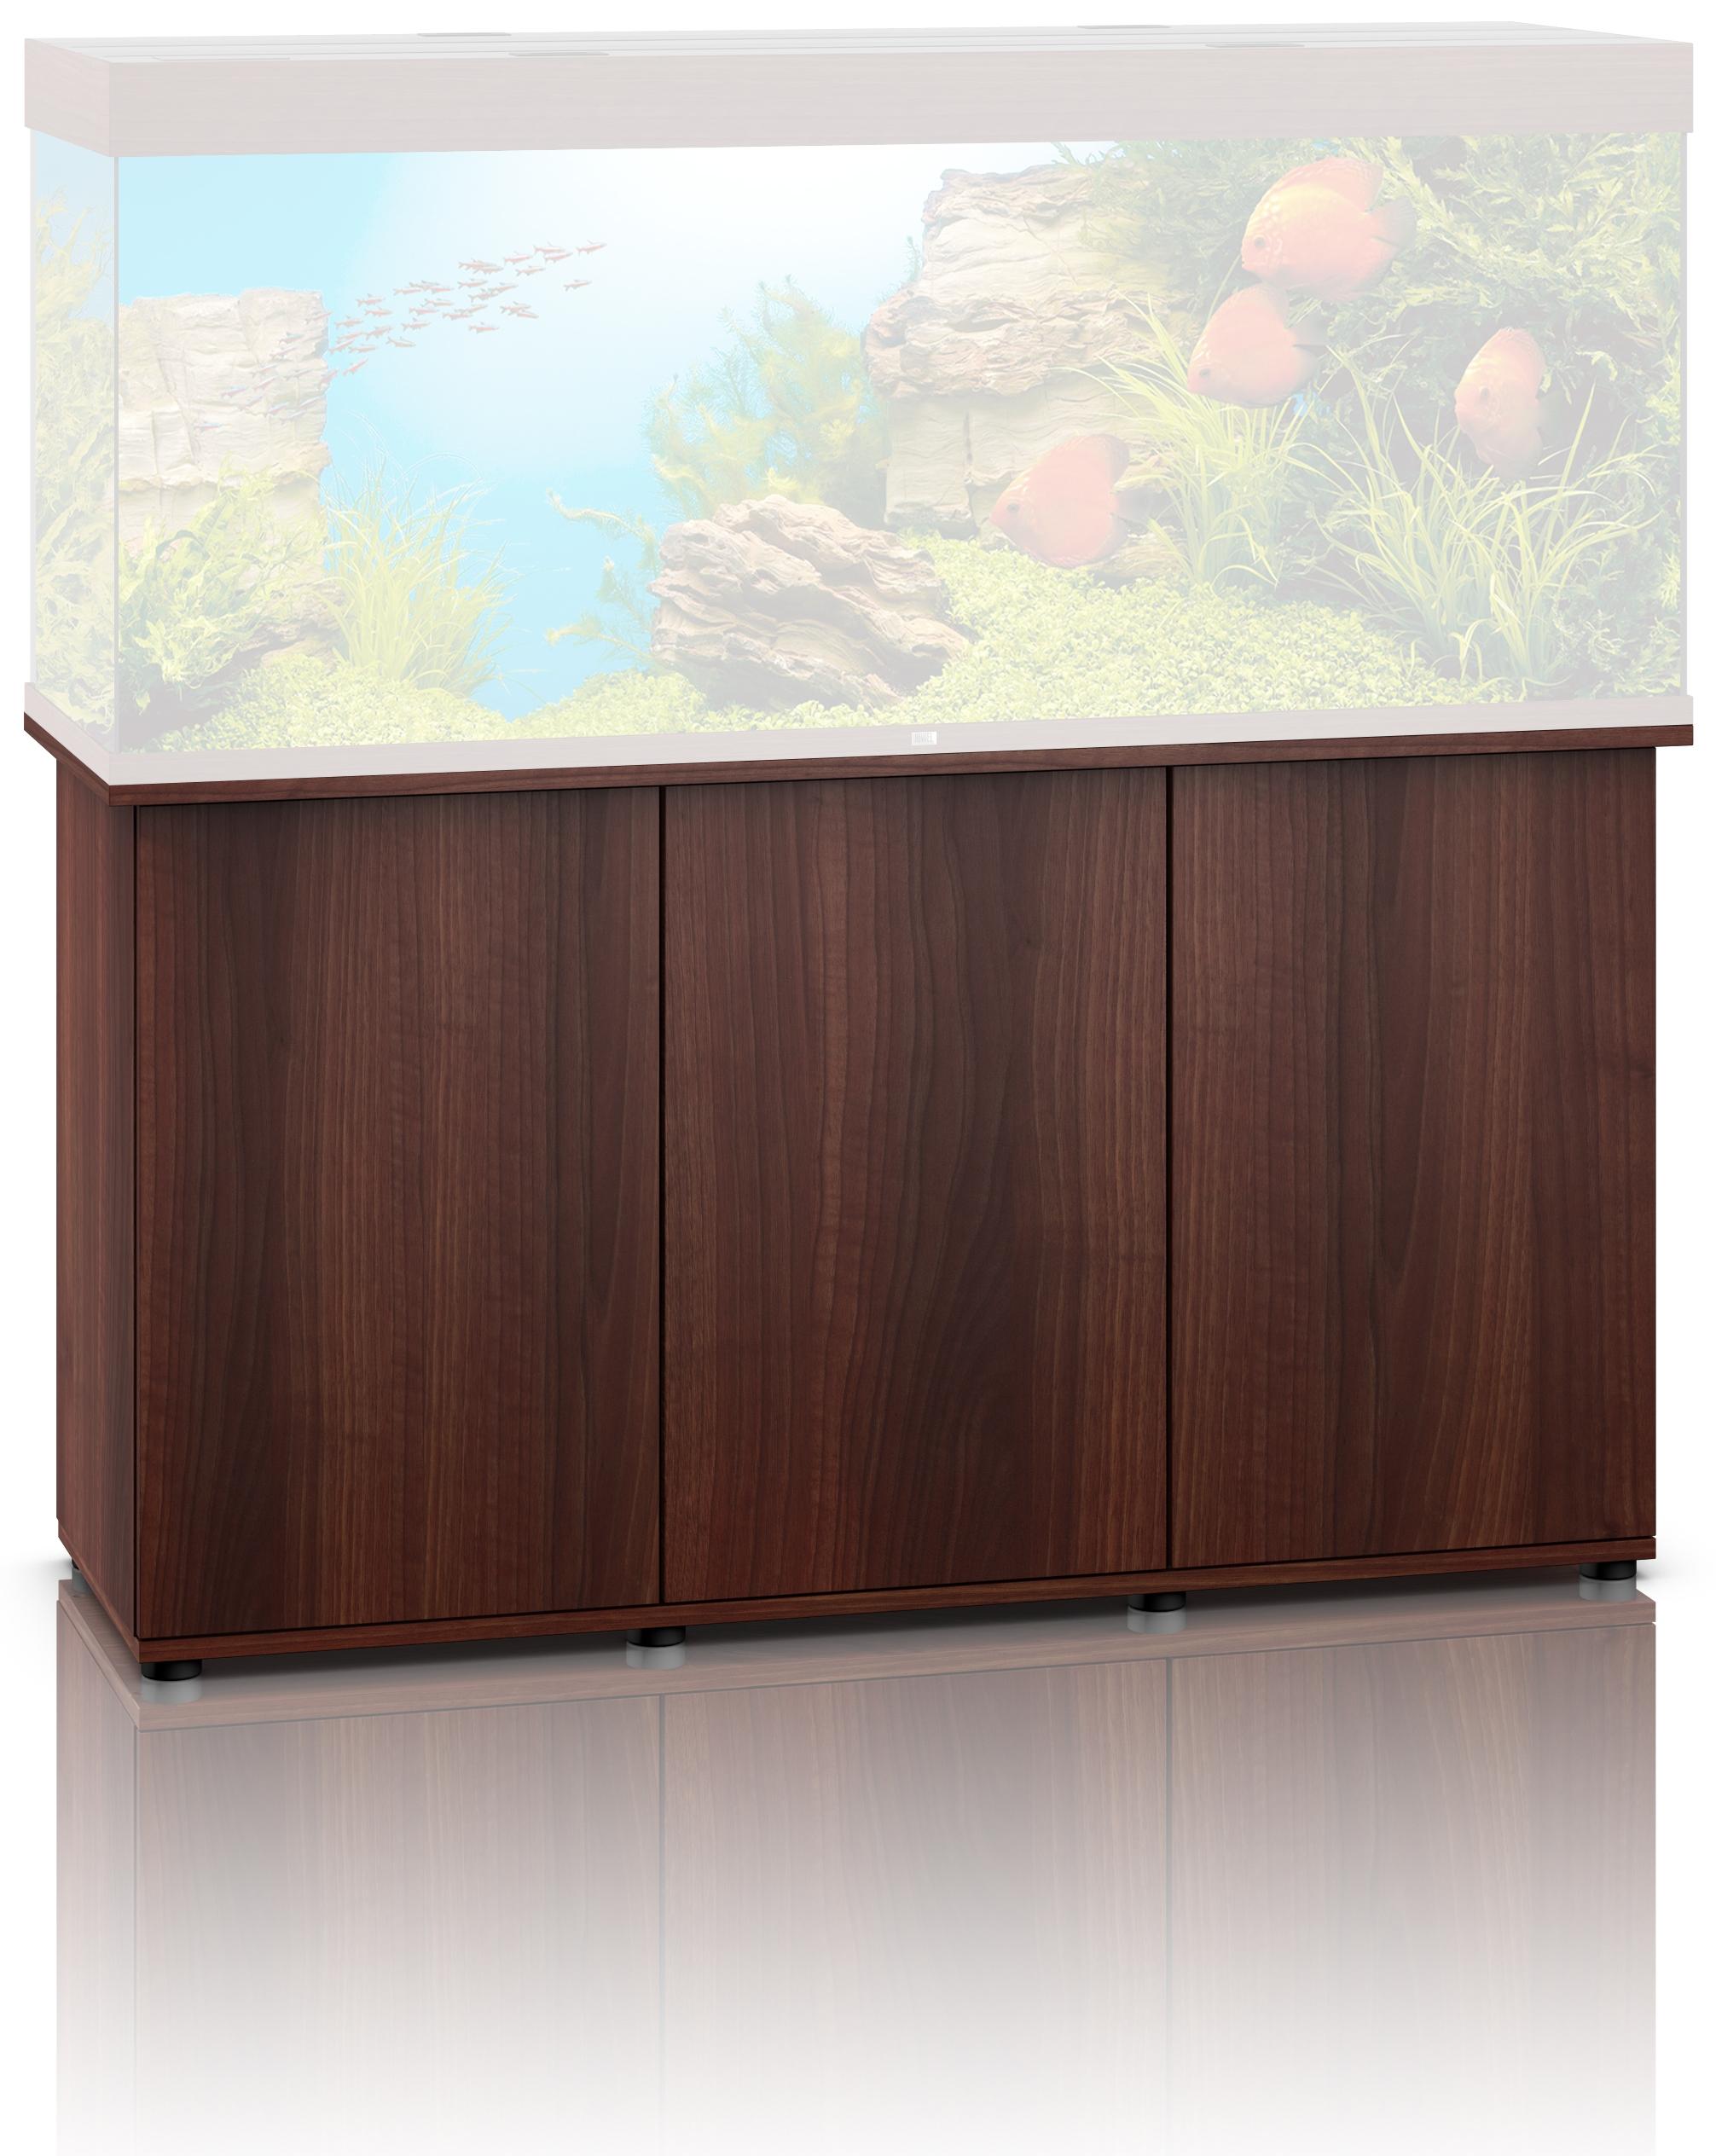 juwel aquarienschrank sbx rio 400 450. Black Bedroom Furniture Sets. Home Design Ideas